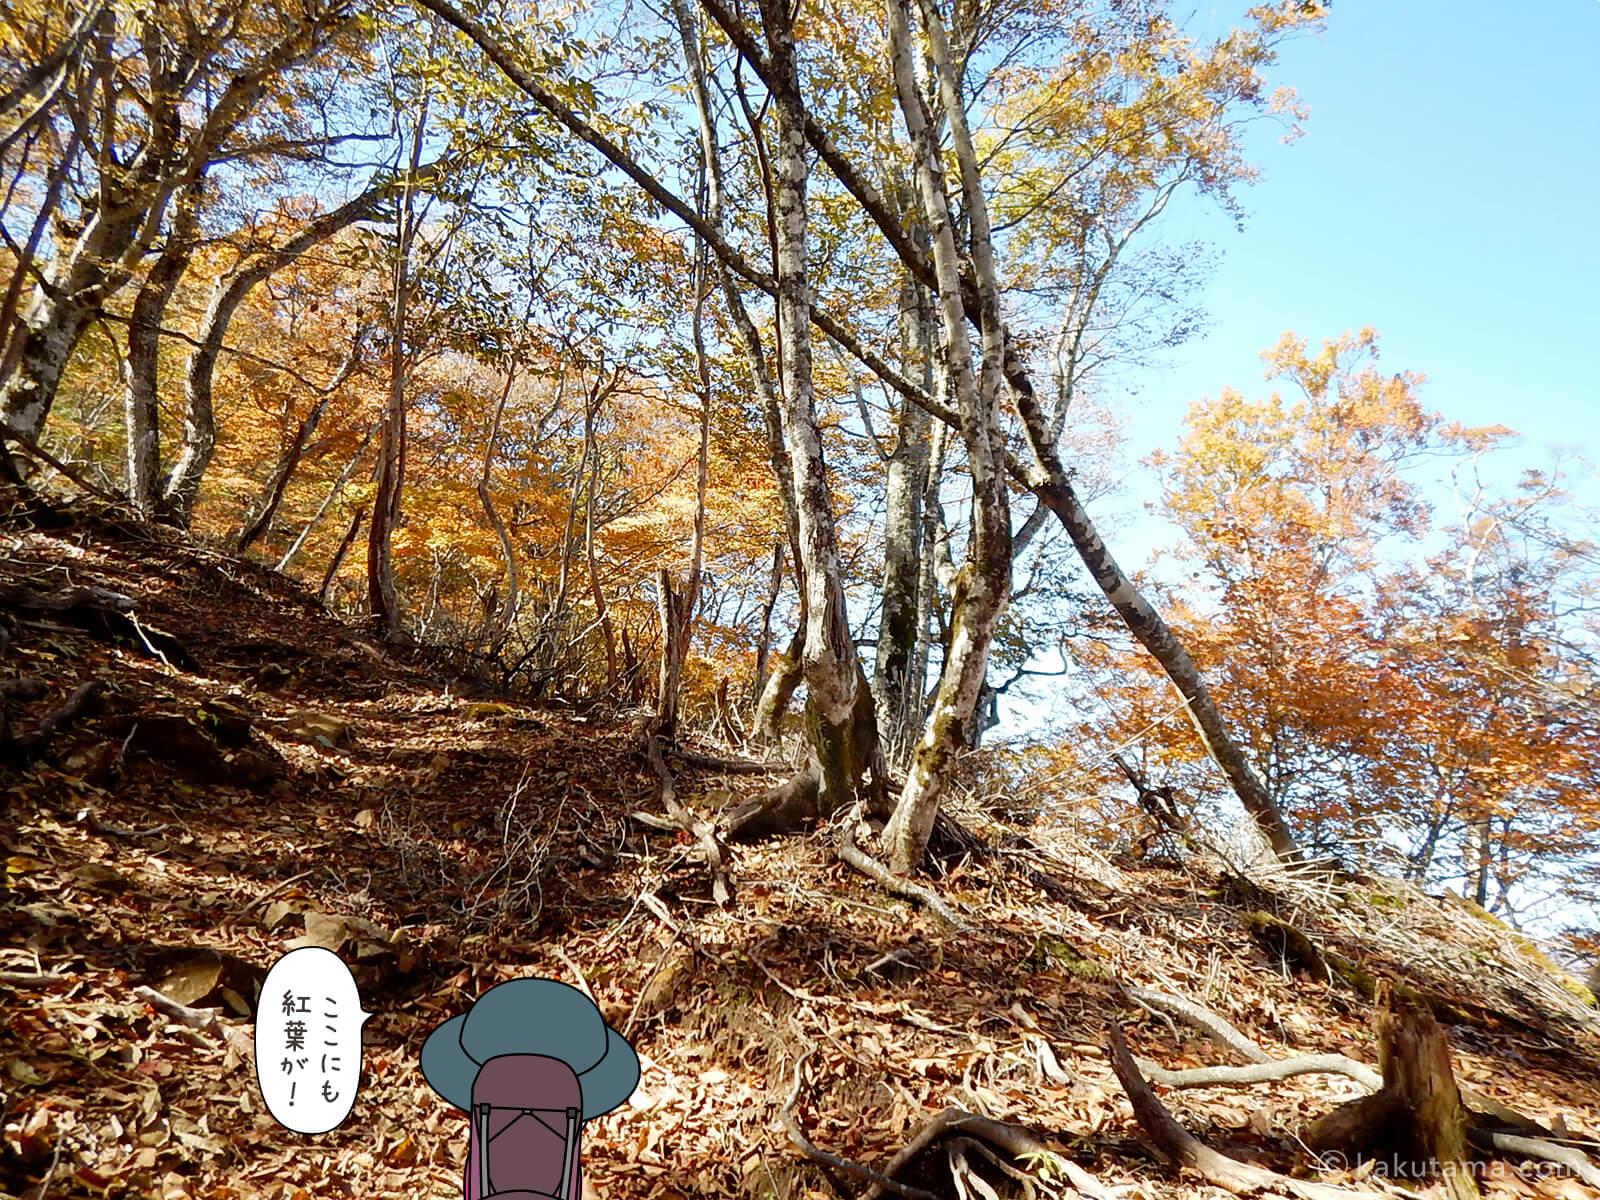 奥多摩・鷹ノ巣山の紅葉写真1